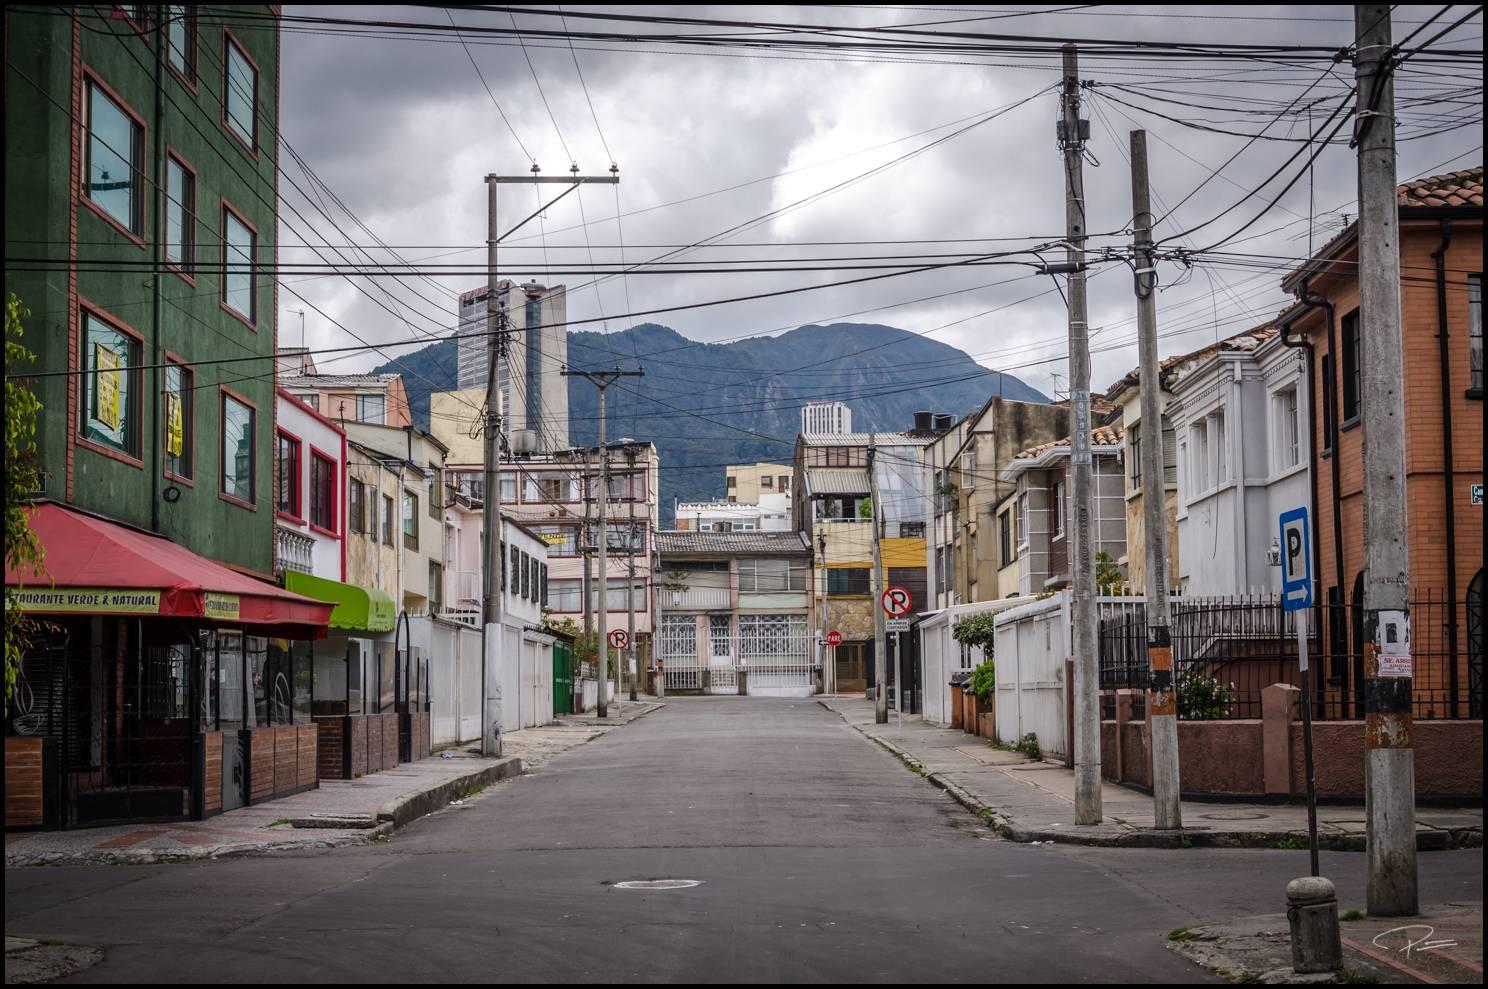 Bogota Teusaquillo 120922 PG 002